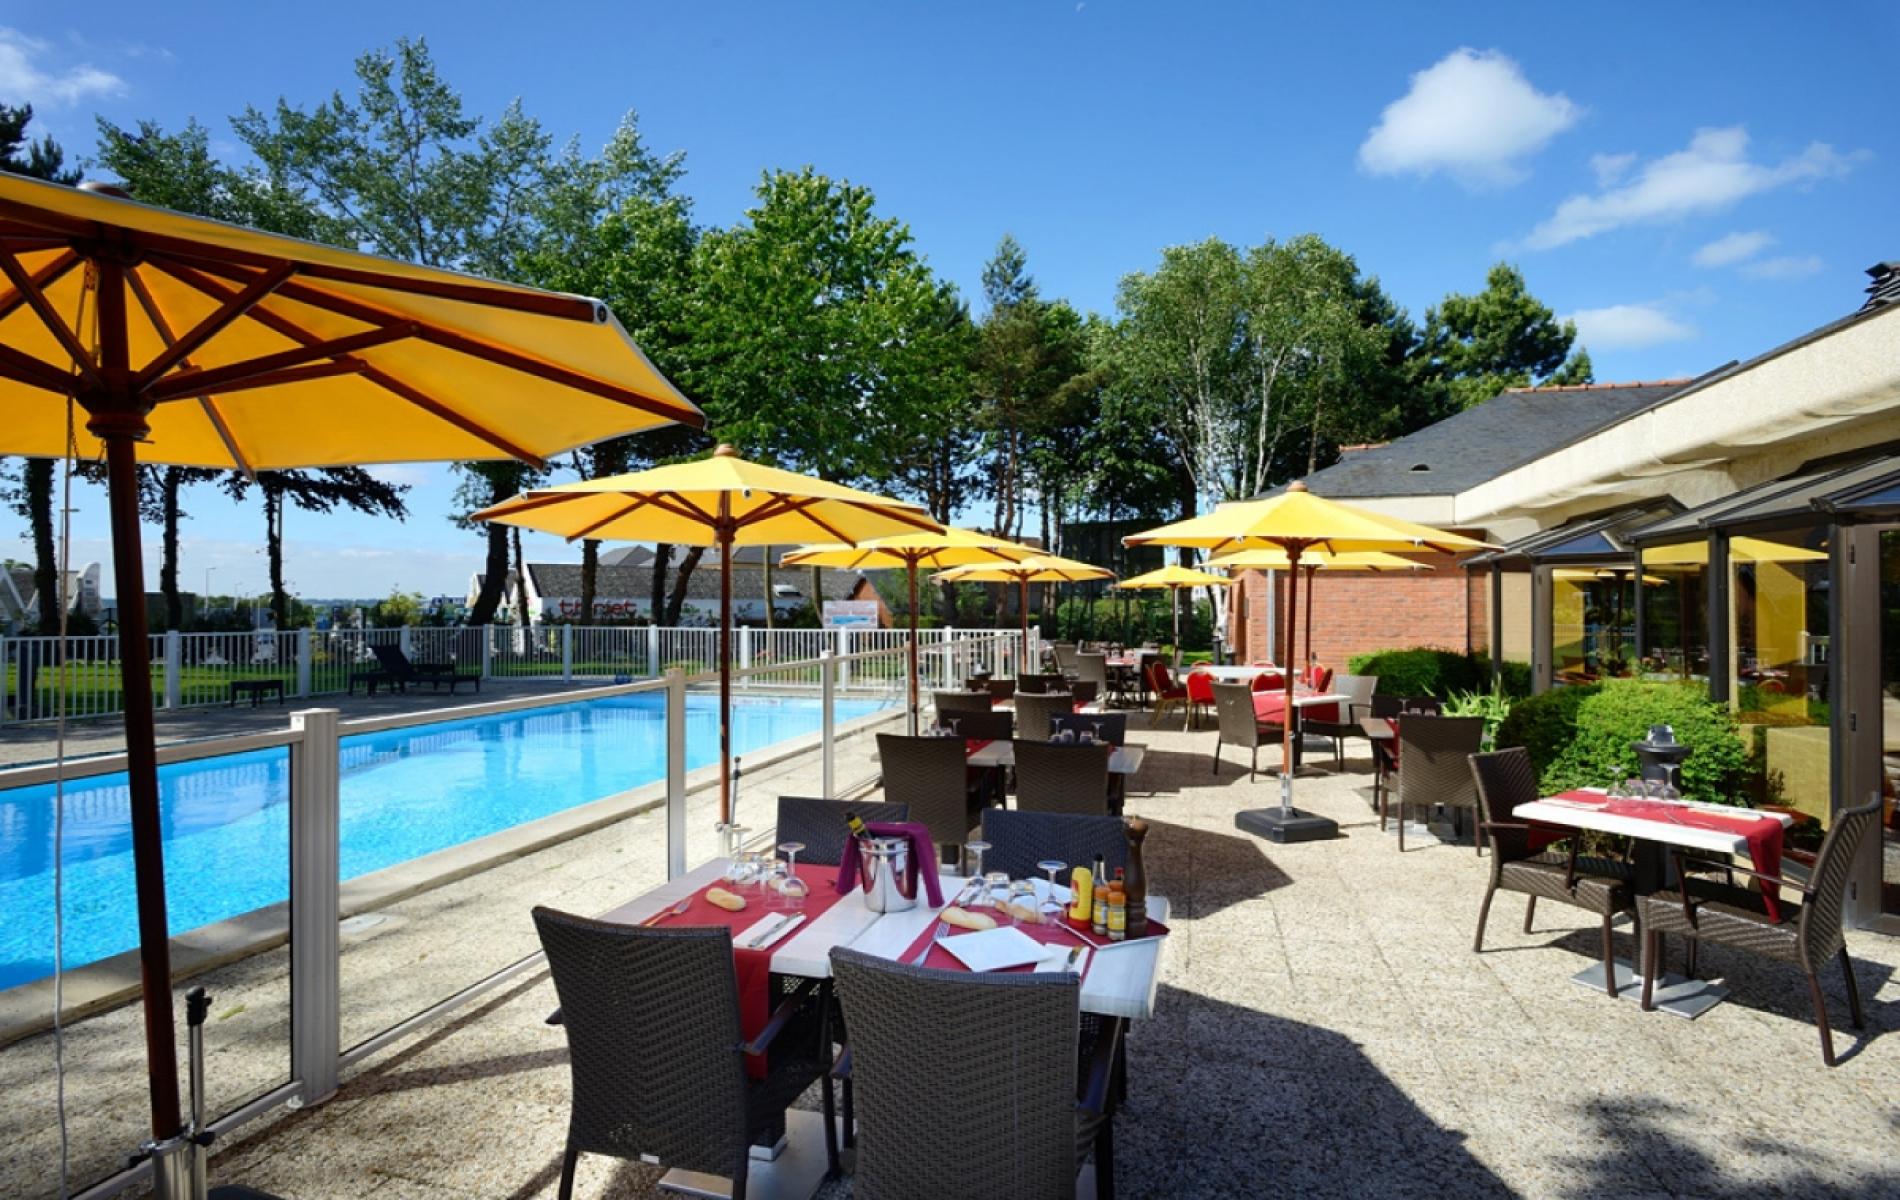 ∞ Lisieux Hotel Lisieux - Hotel Mercure Lisieux Normandy intérieur Piscine Lisieux